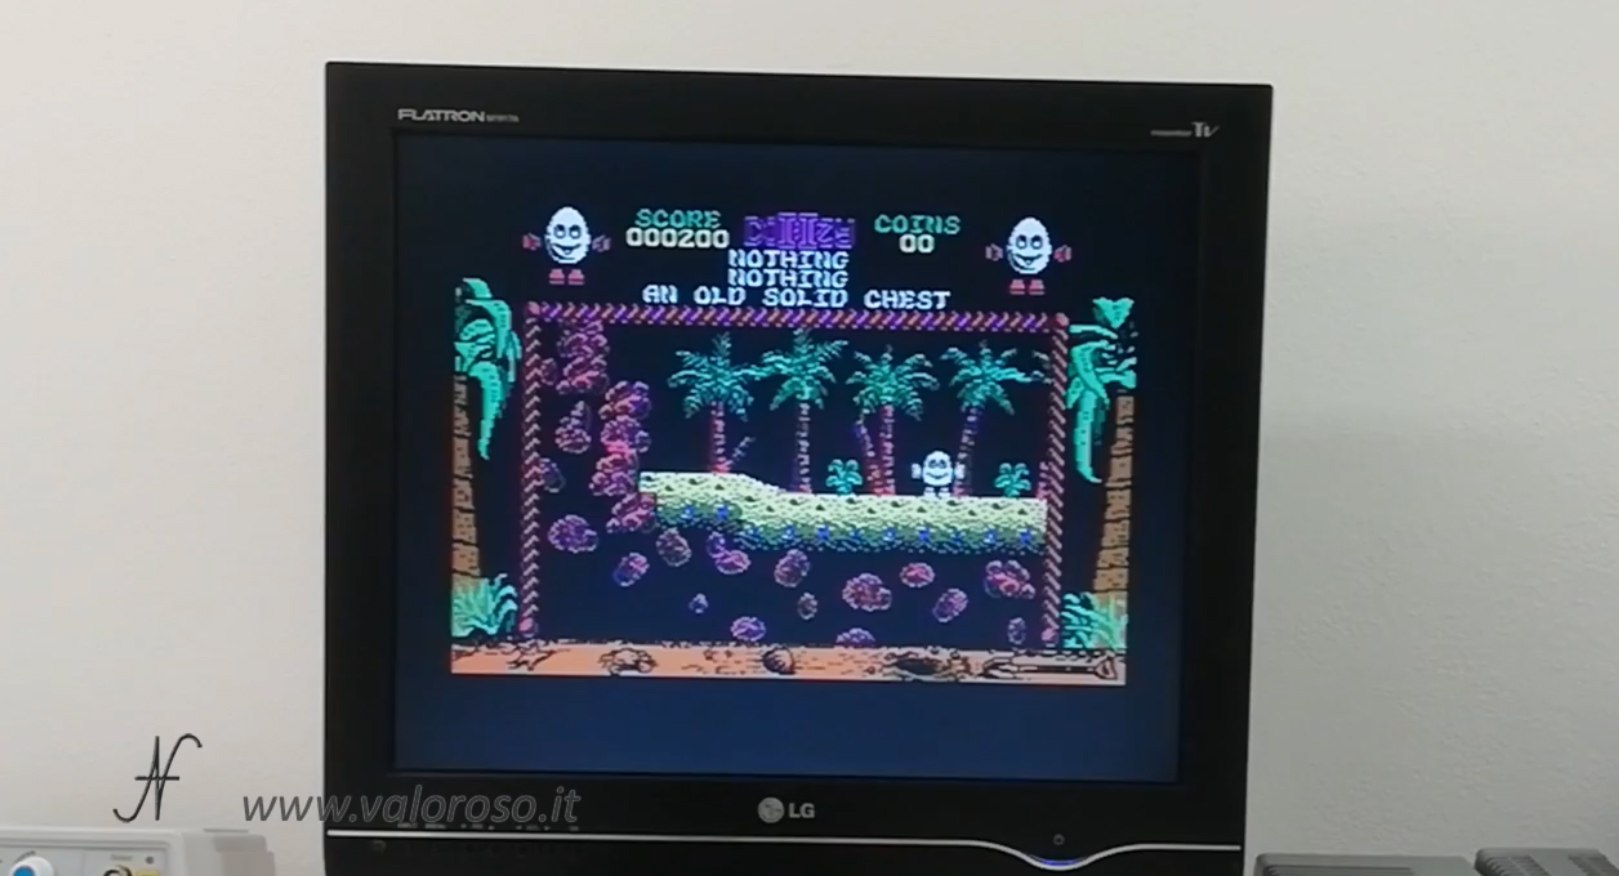 Datel Action Replay, Commodore 64, dizzy salvataggio livello gioco, congelamento memoria